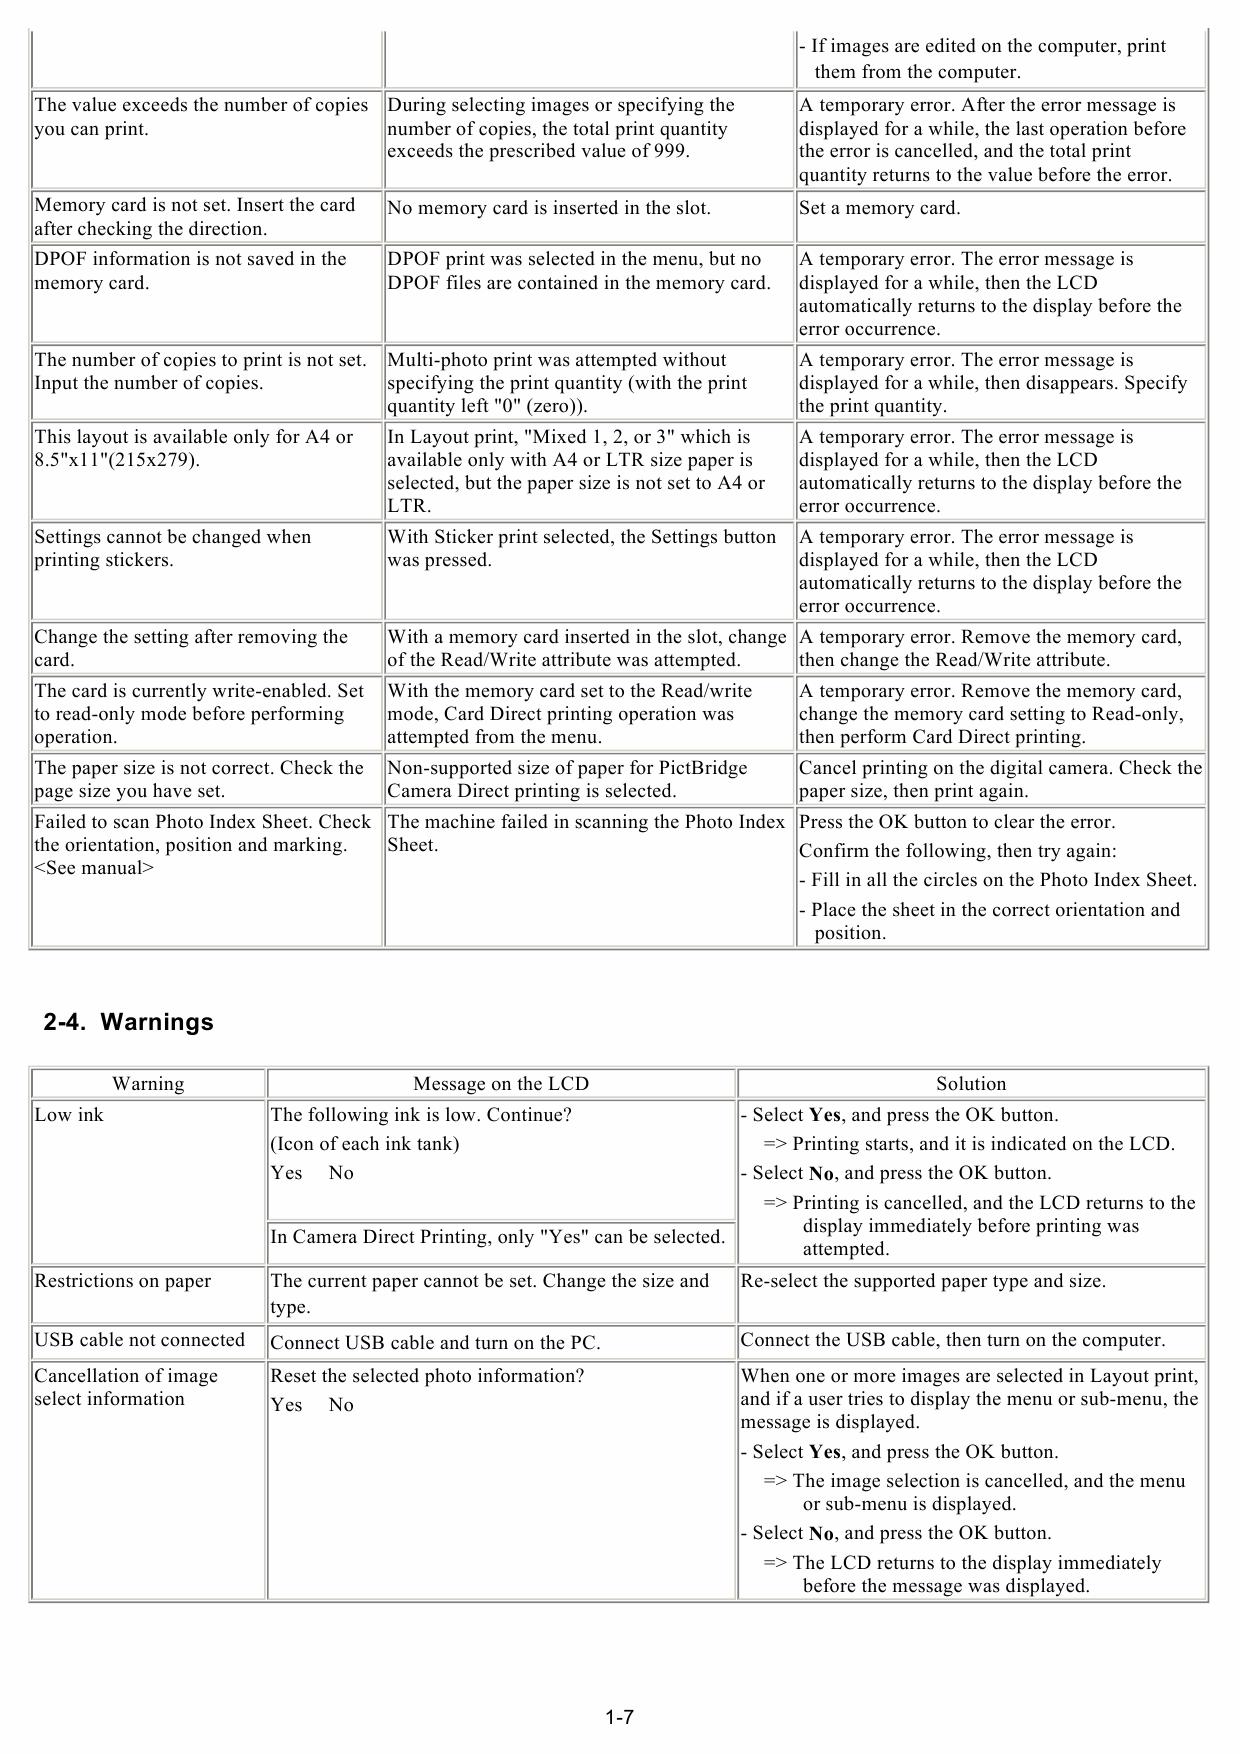 Canon PIXMA MP510 Service Manual-2